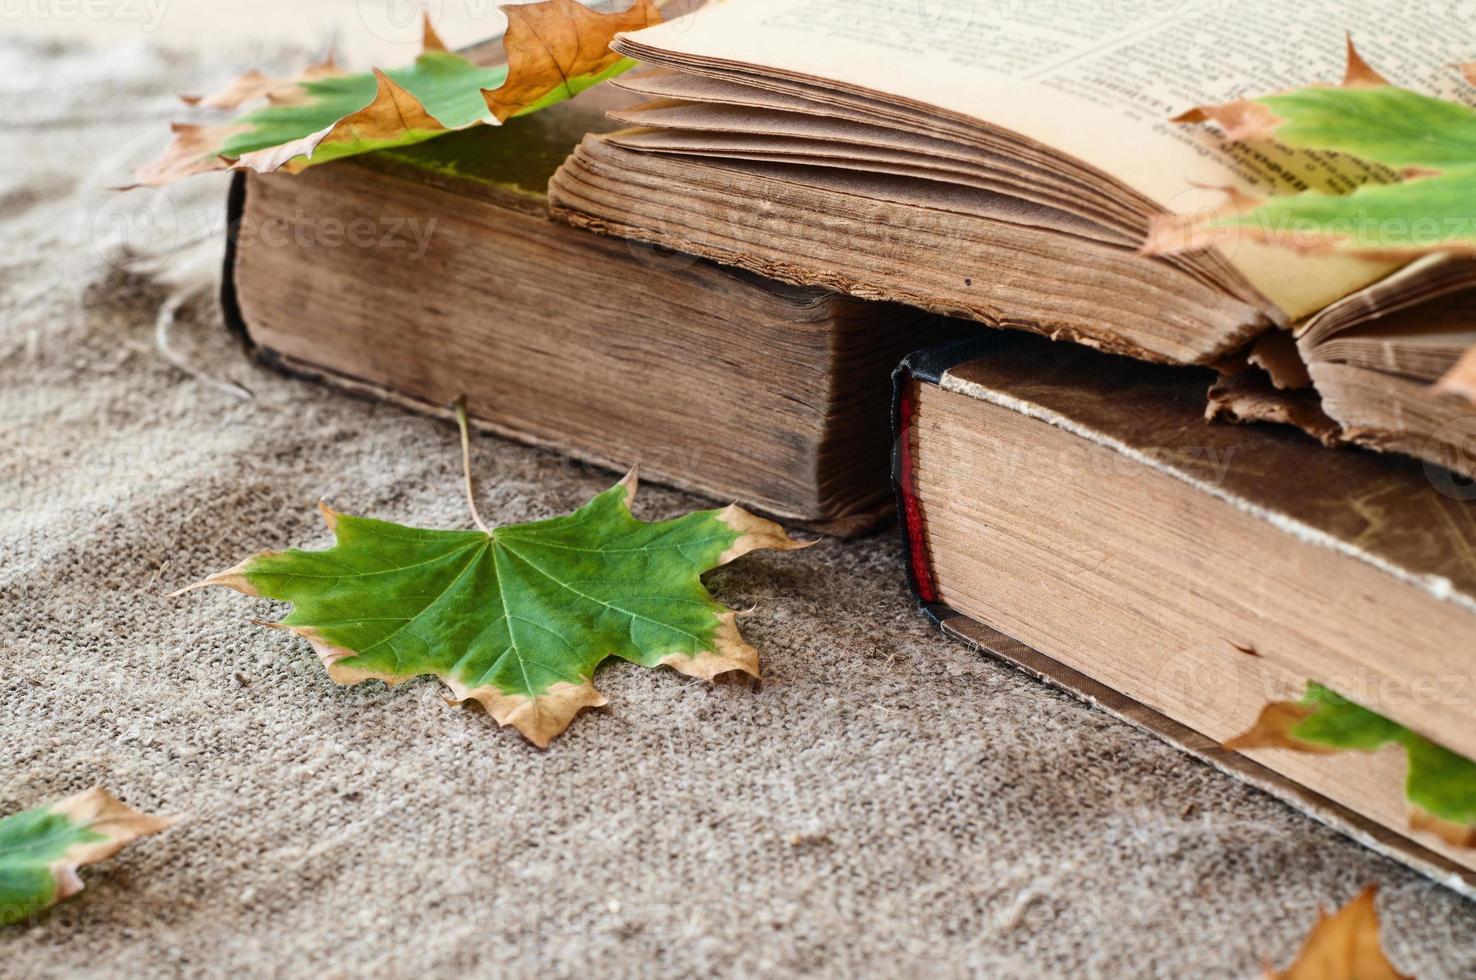 libro vintage con hojas de arce otoñal foto